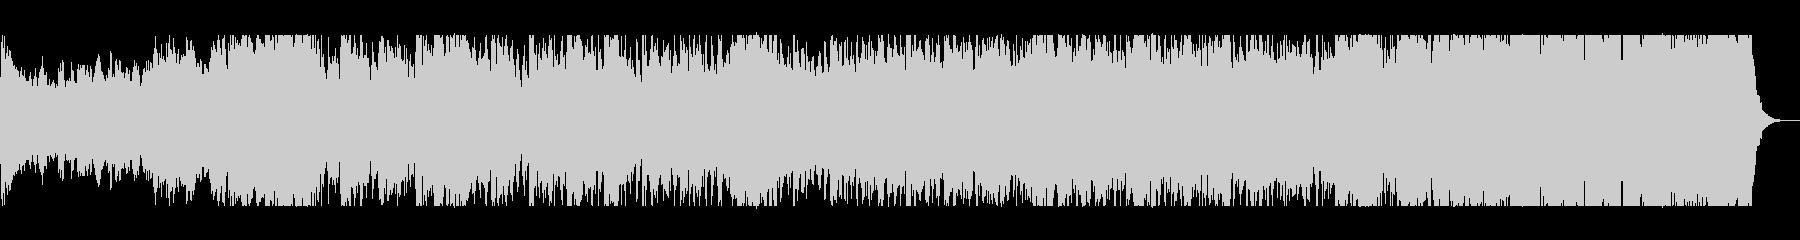 勢いと華やかな管打楽器シンセサウンドの未再生の波形